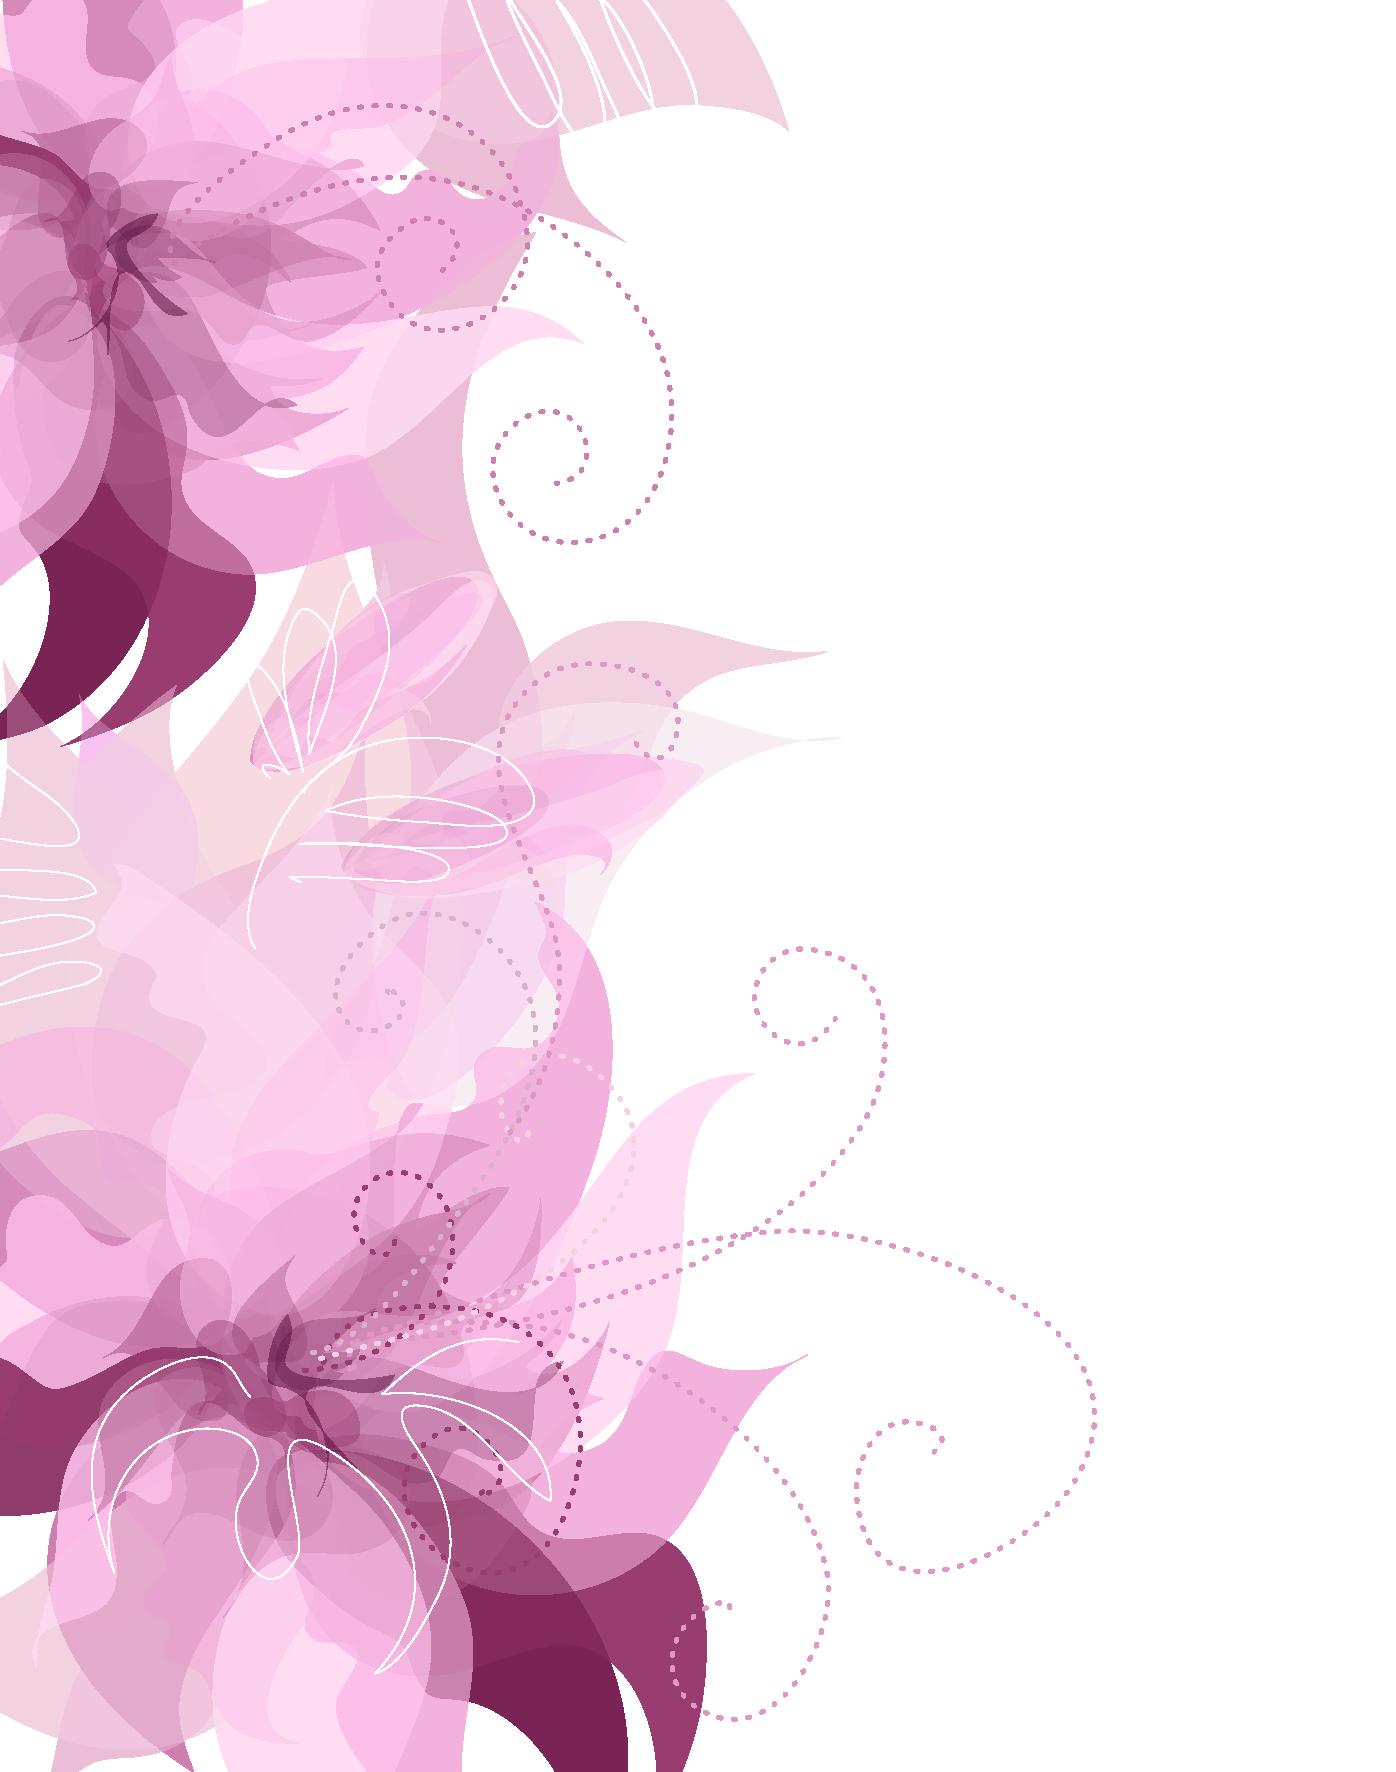 Flowers clipart cute. Pink floral decoration transparent